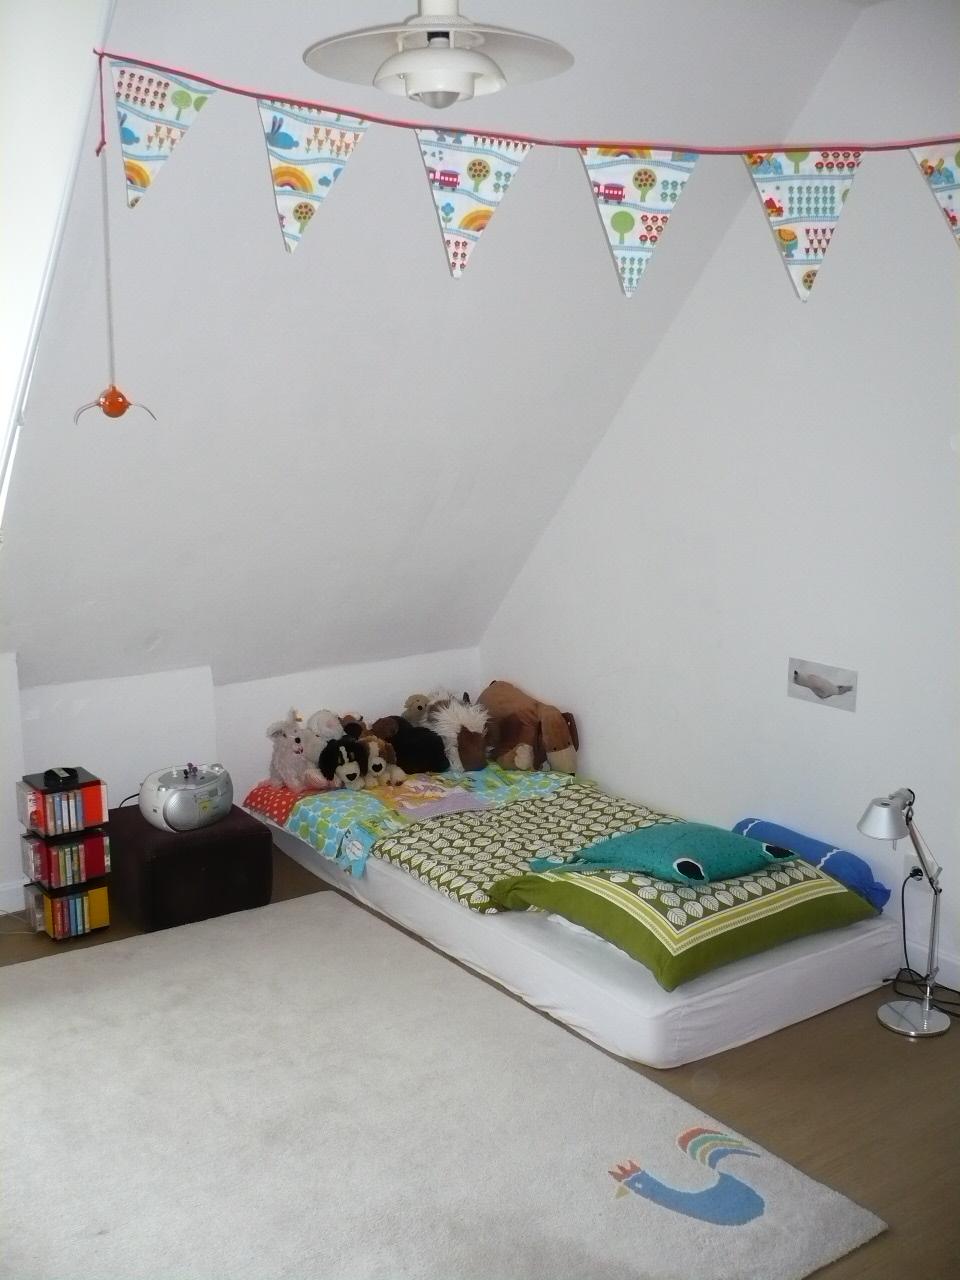 fraupabst new vintage home. Black Bedroom Furniture Sets. Home Design Ideas